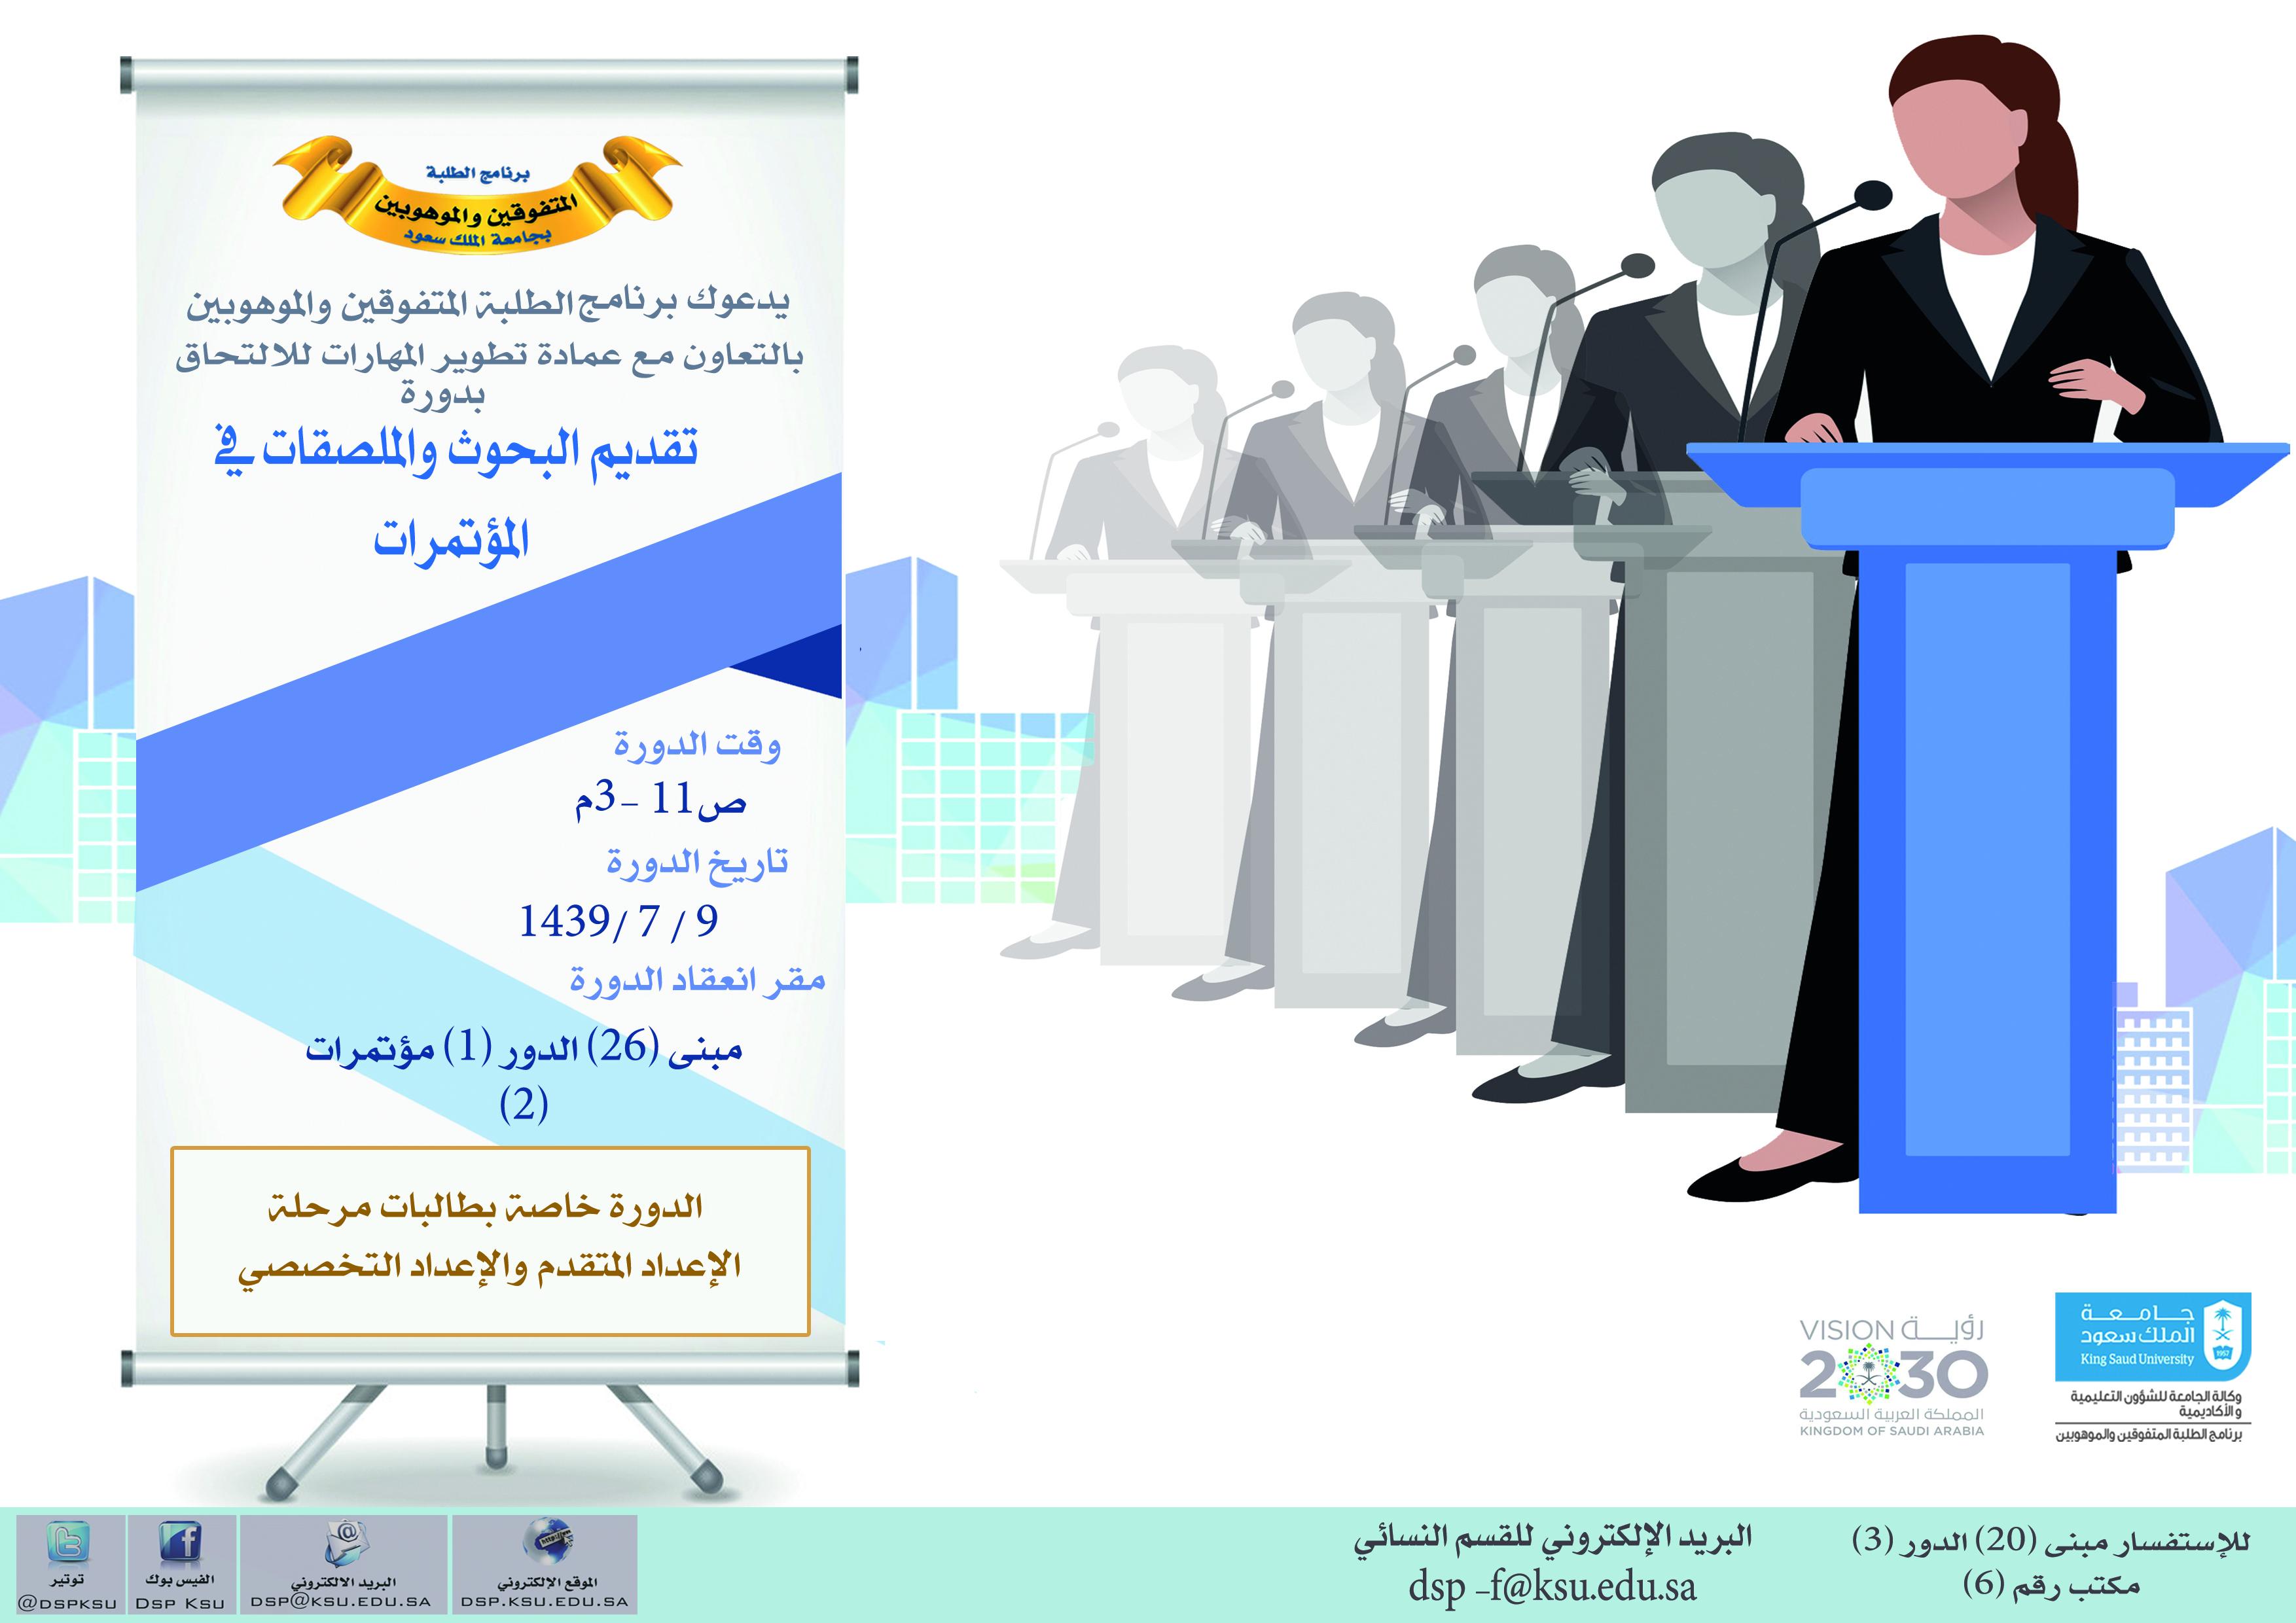 تقديم البحوث والملصقات في المؤتمرات